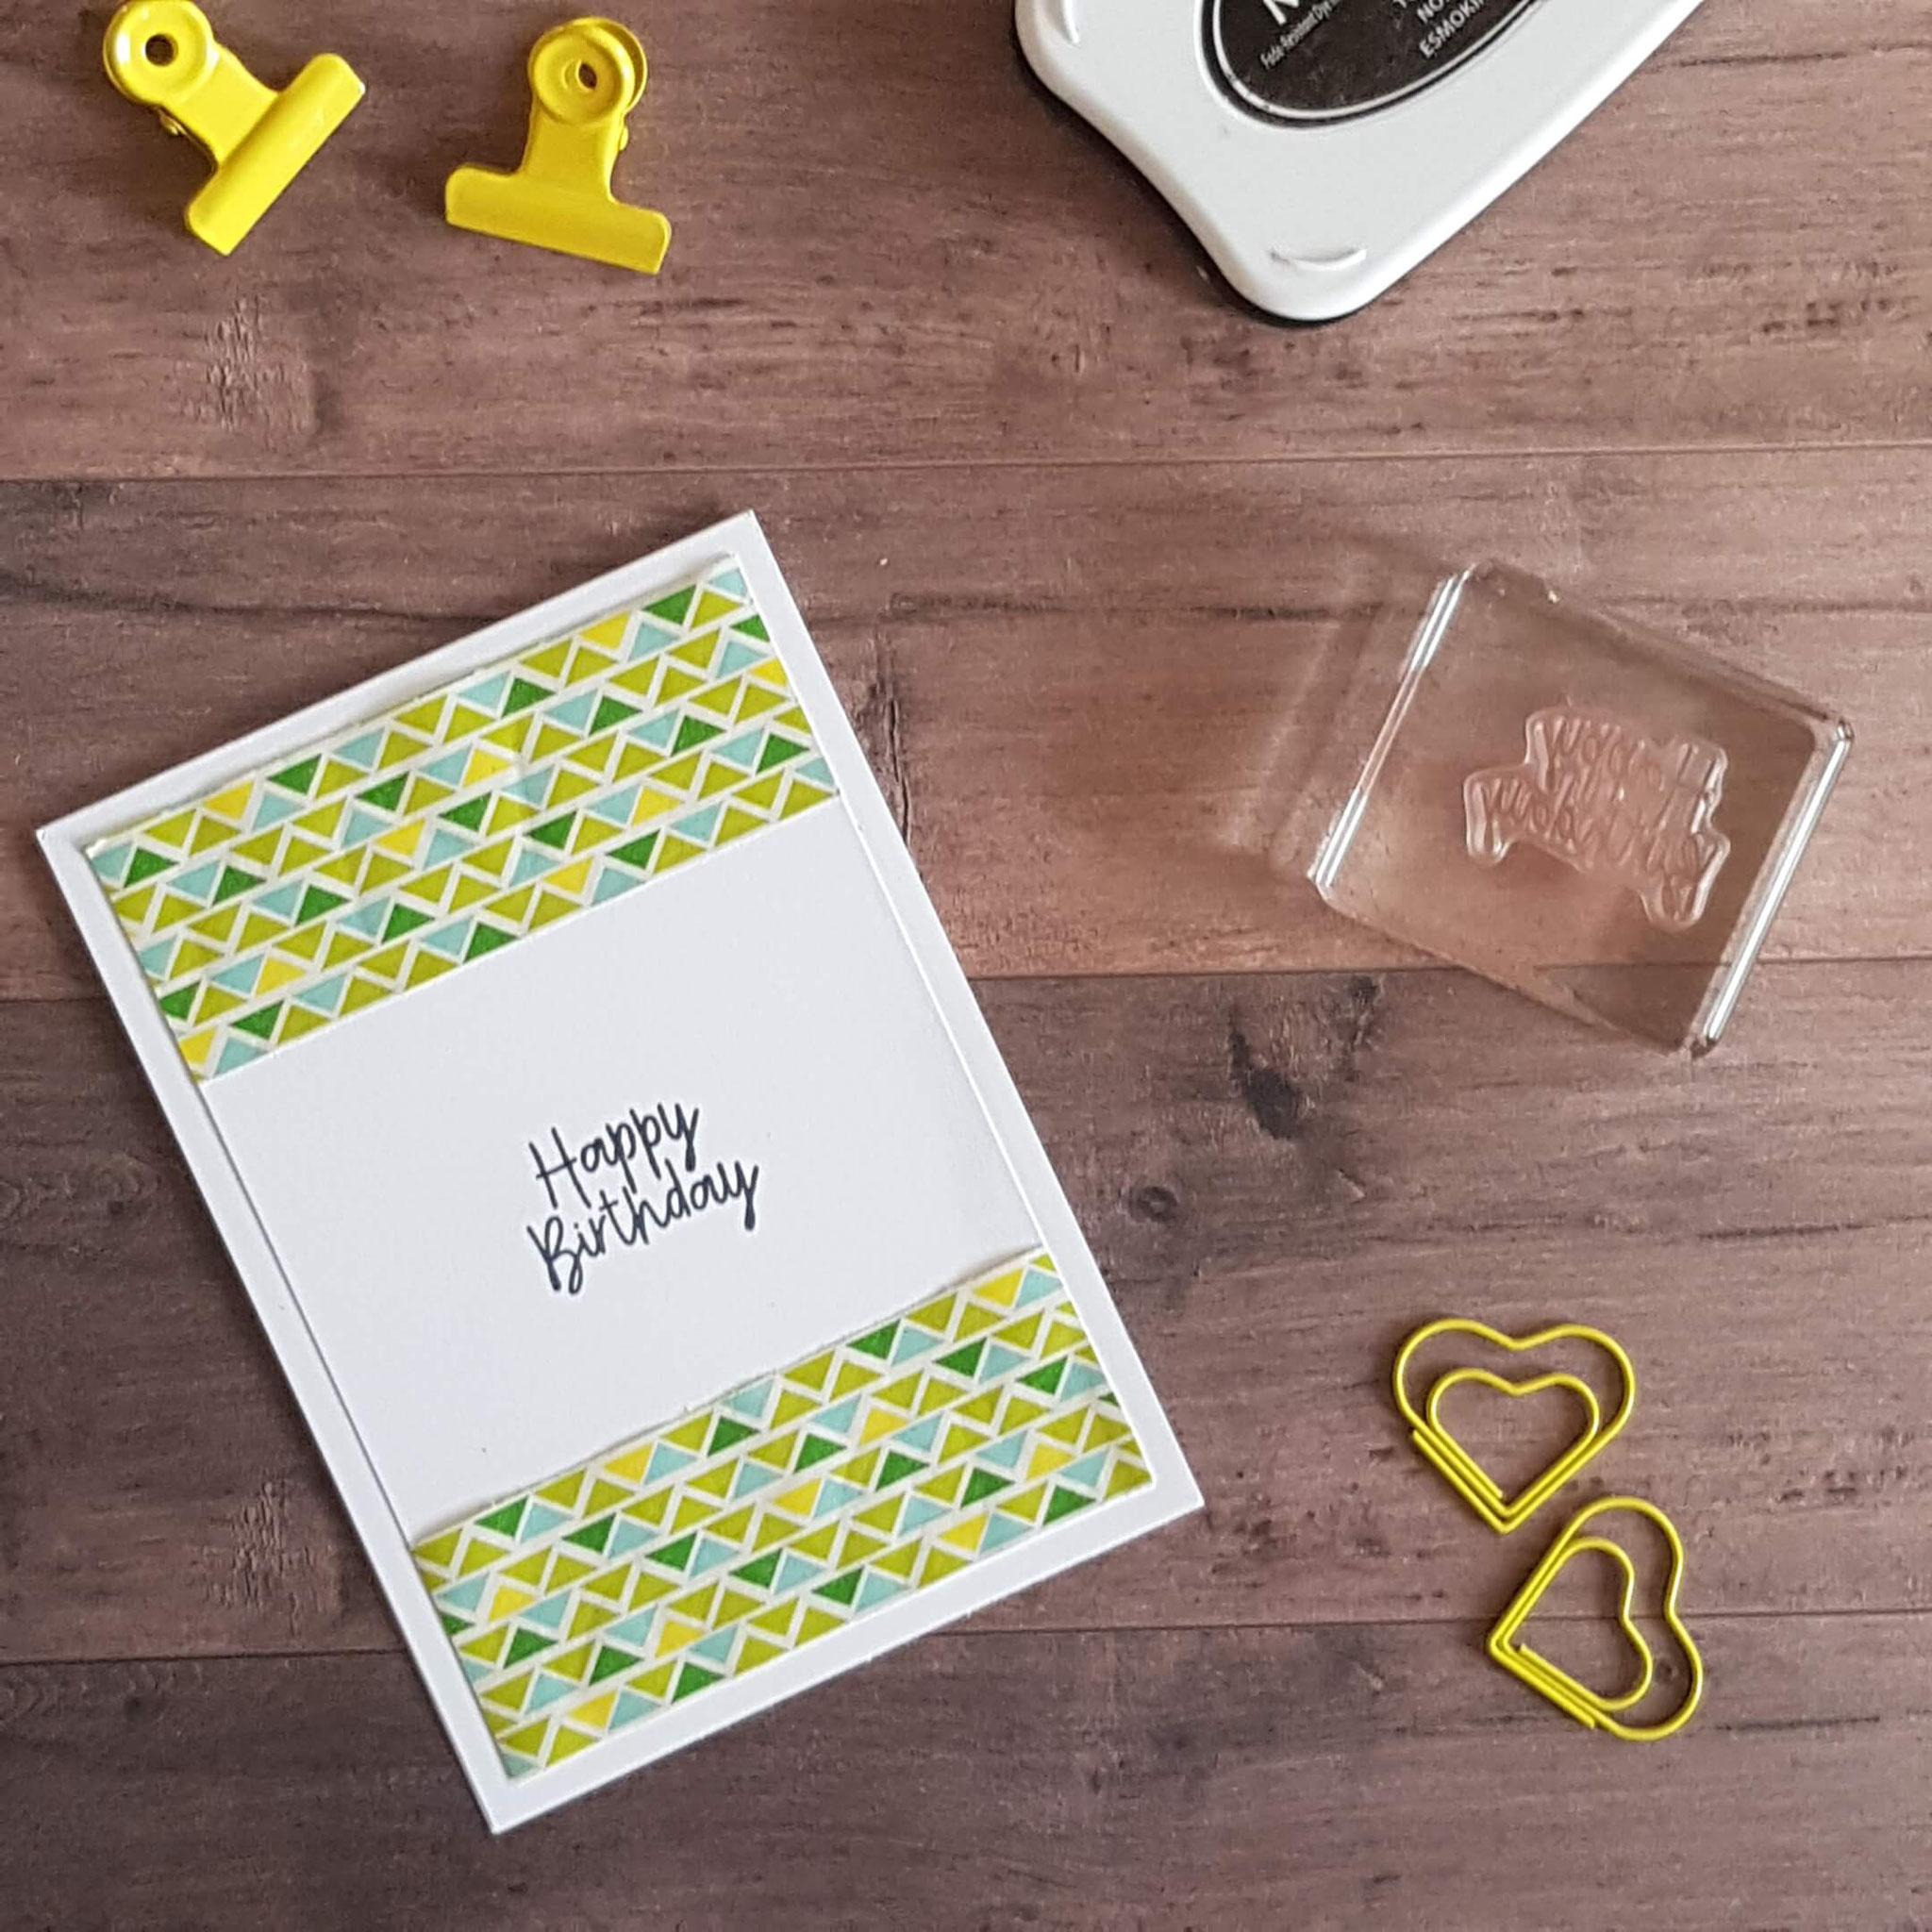 1. Einfach einen Streifen Geschenkpapier an den oberen und unteren Rand der Karte geklebt, Stempel drauf, fertig!